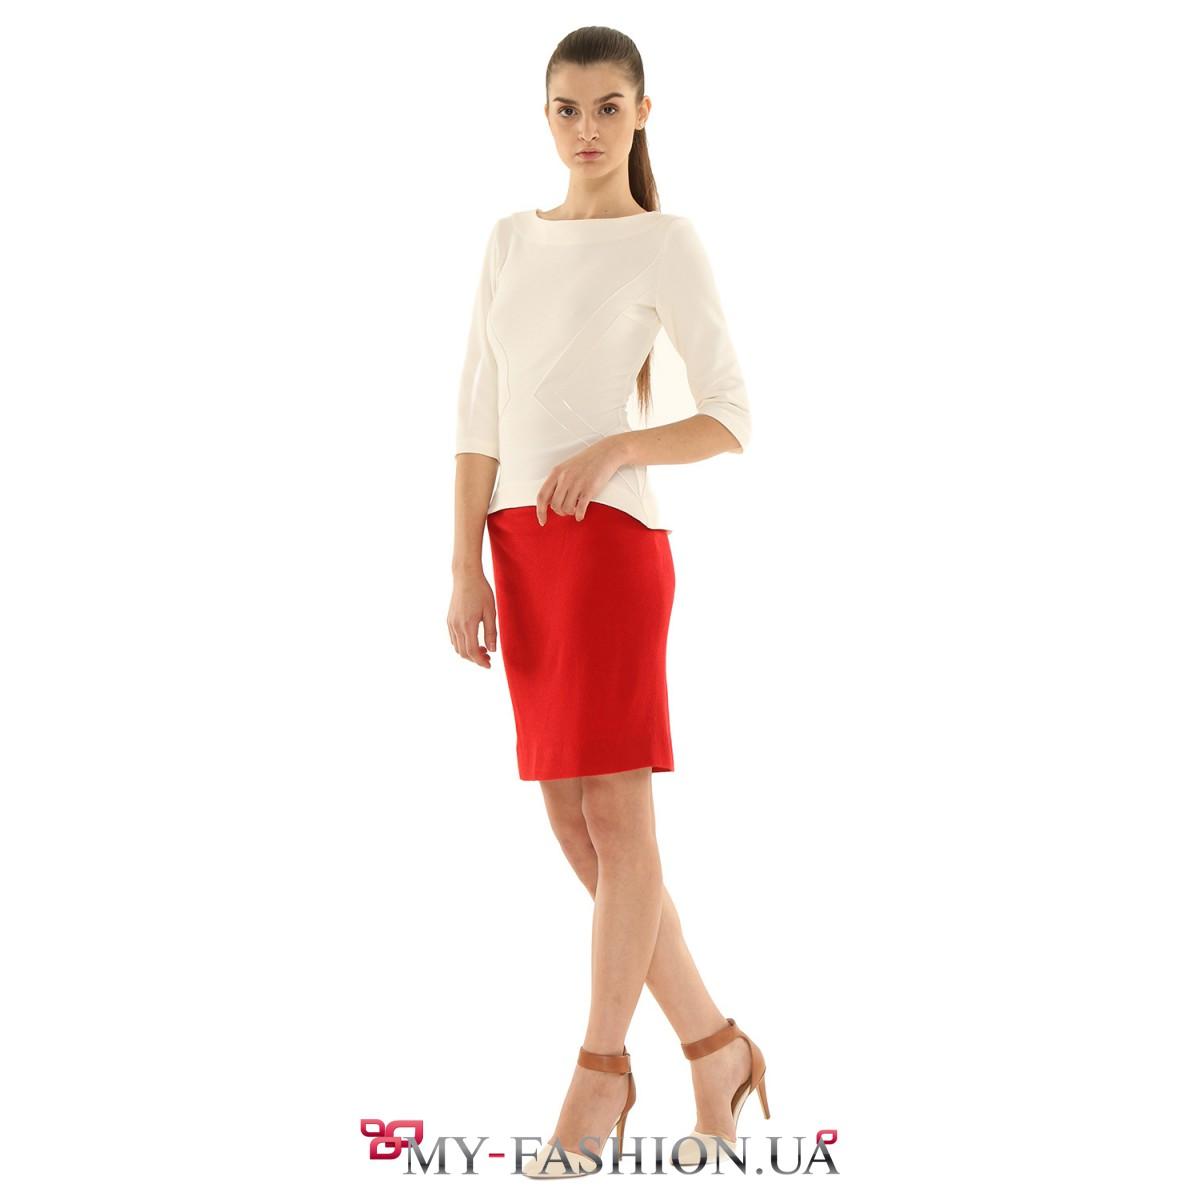 Красные юбки купить